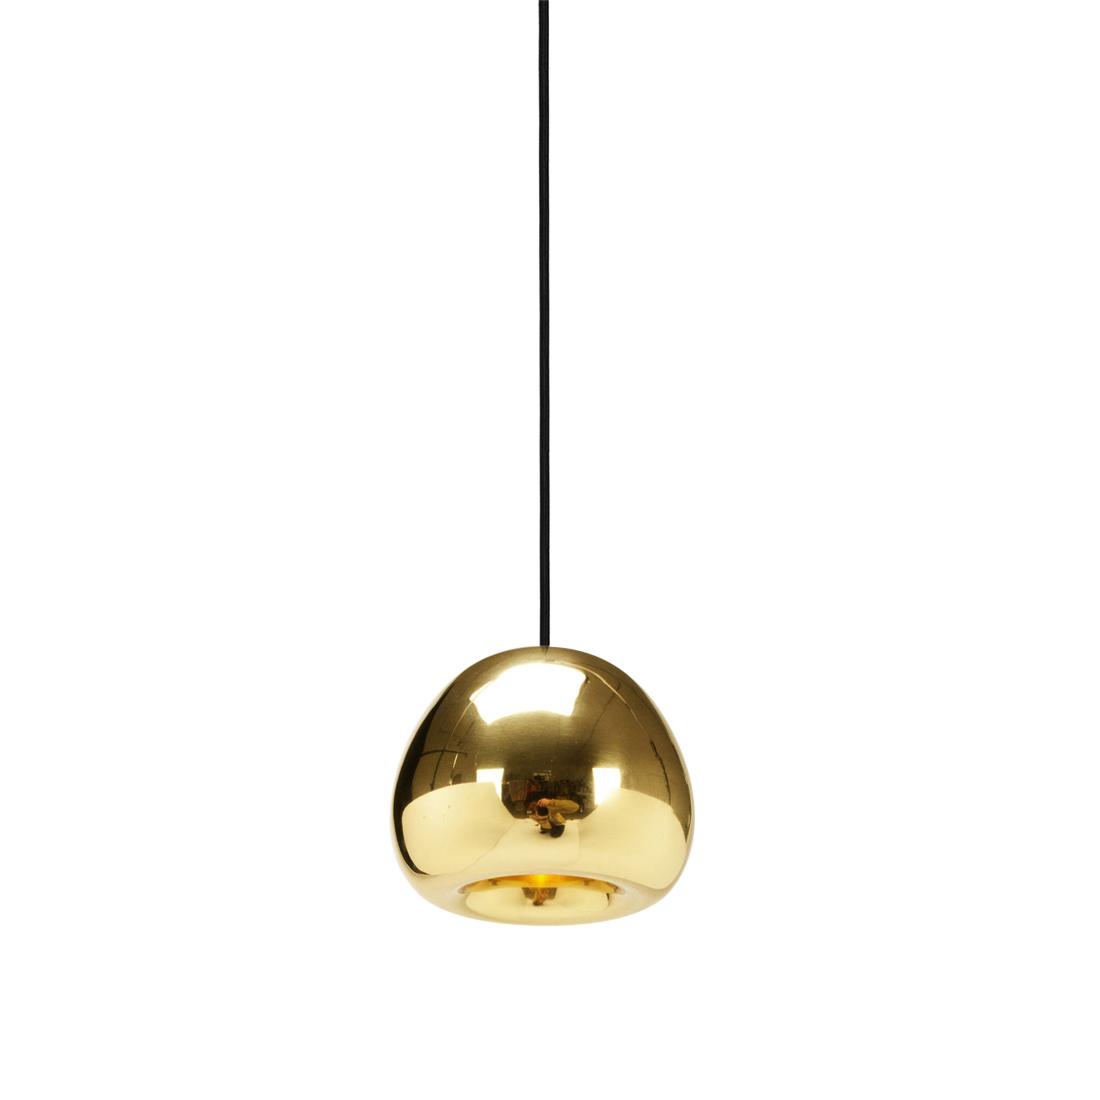 Подвесной светильник копия Void by Tom Dixon D15 (золотой)